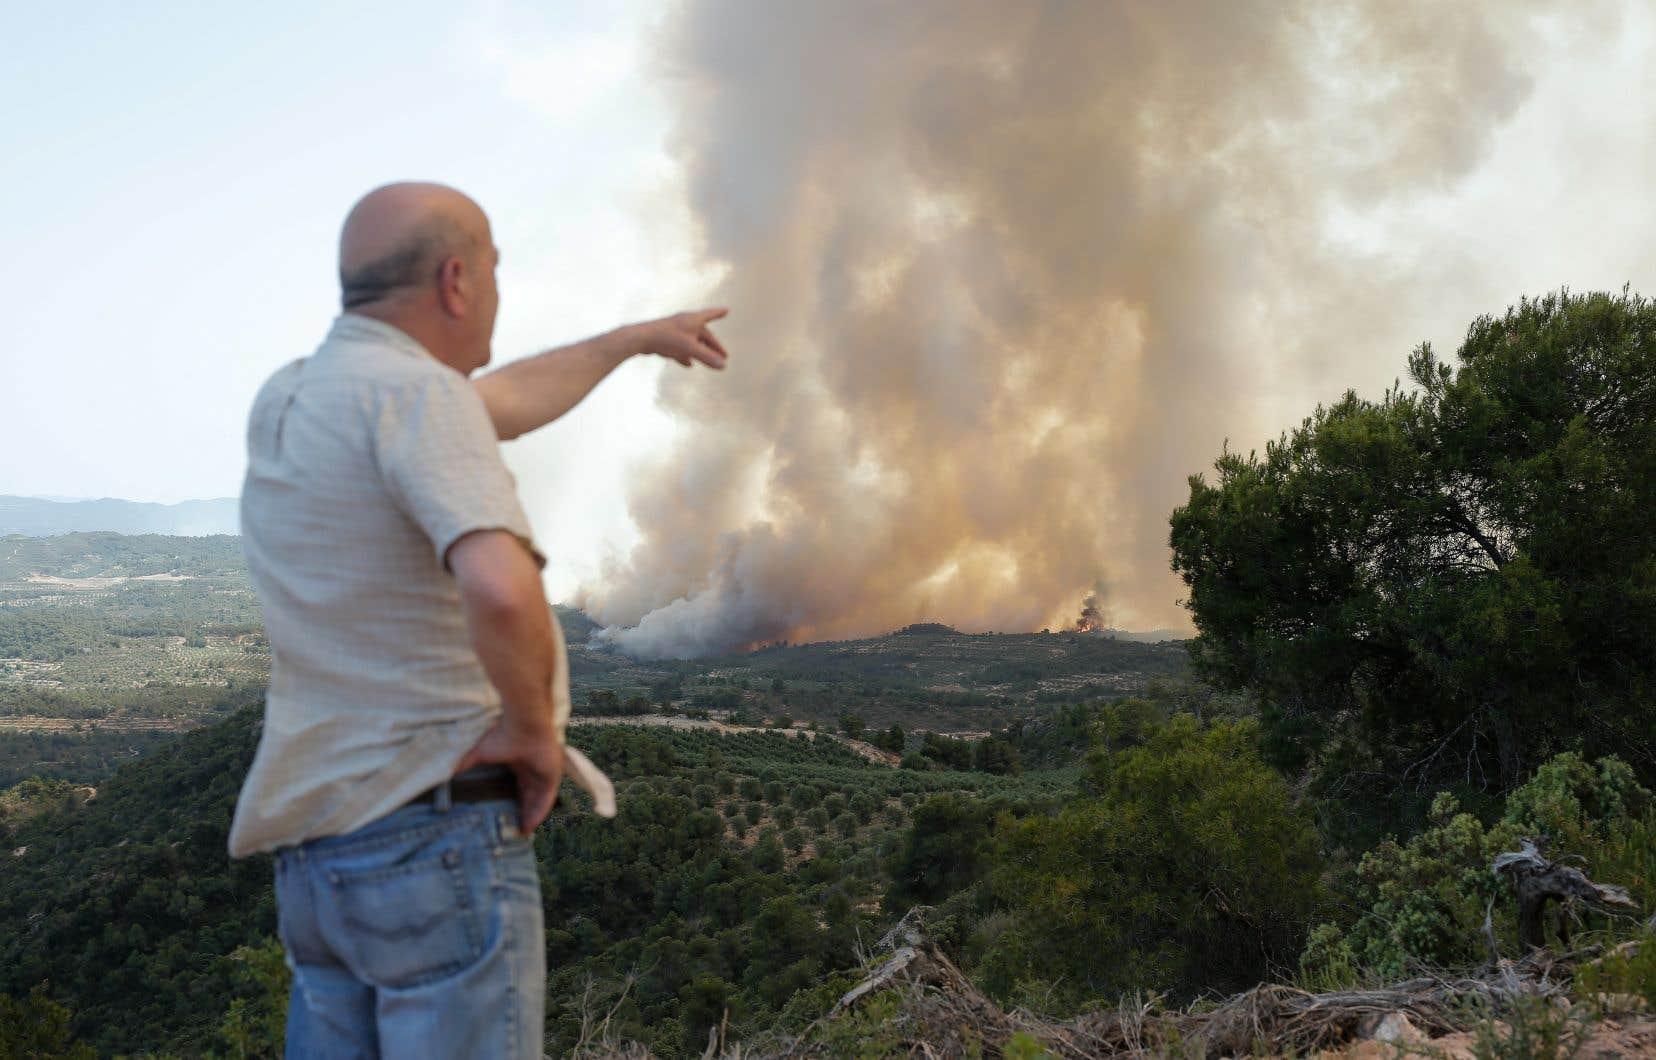 Attisé par la canicule, un incendie hors de contrôle progressait jeudi dans le nord-est de l'Espagne, près de Maialsdans une zone rurale de Catalogne où les flammes ont déjà ravagé 5 500 hectares.